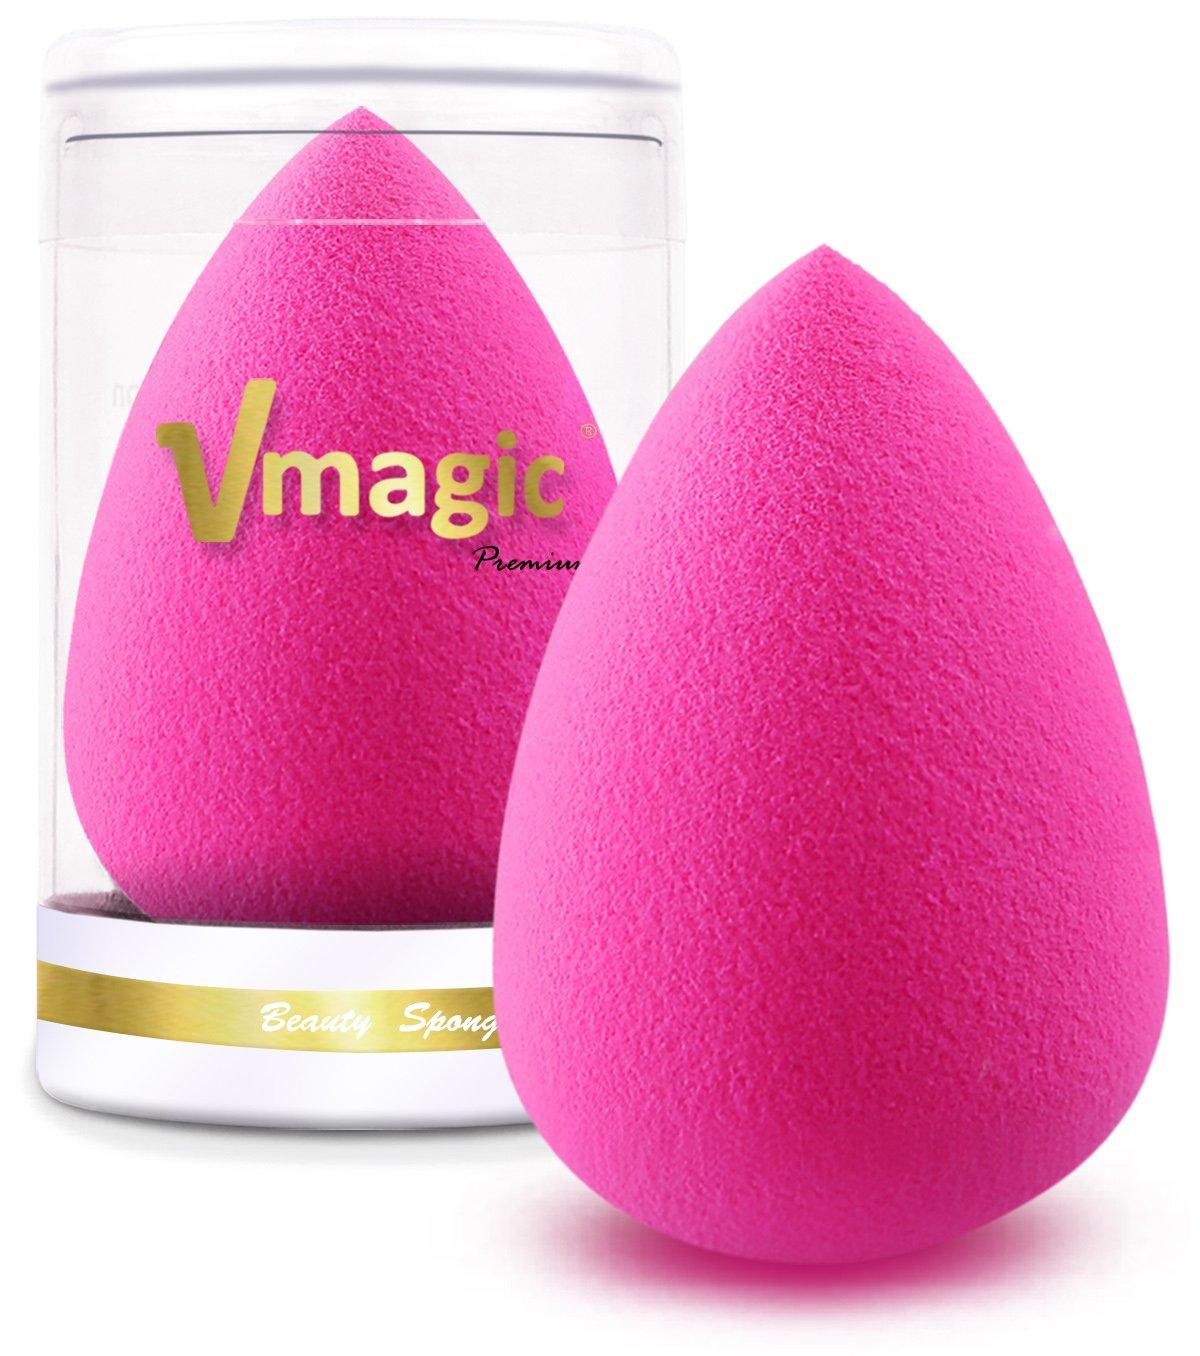 VMagic Premium, spugnette per il make-up professionale; applicatore impeccabile per dare colore al viso con il fondotinta VMAGIC-0708